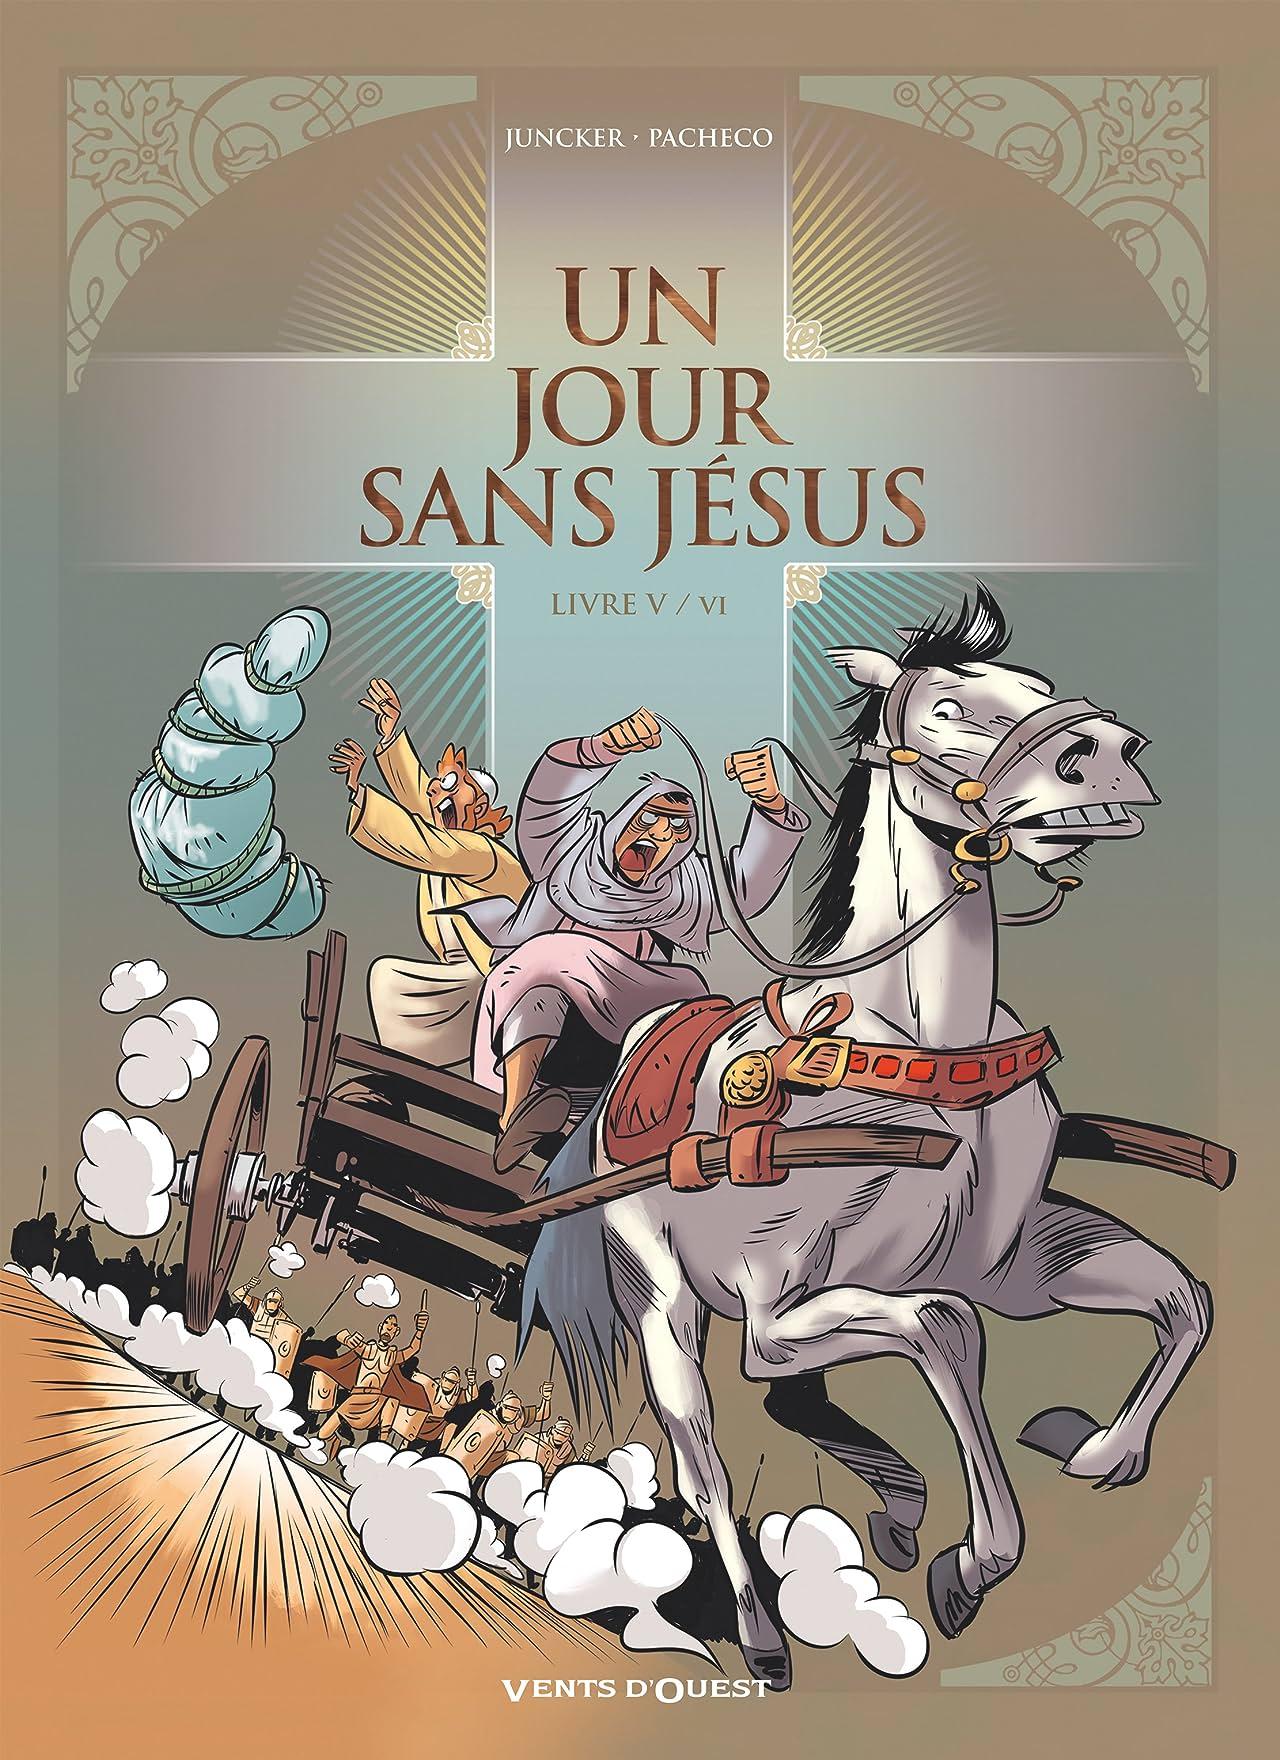 Un jour sans Jésus Vol. 5